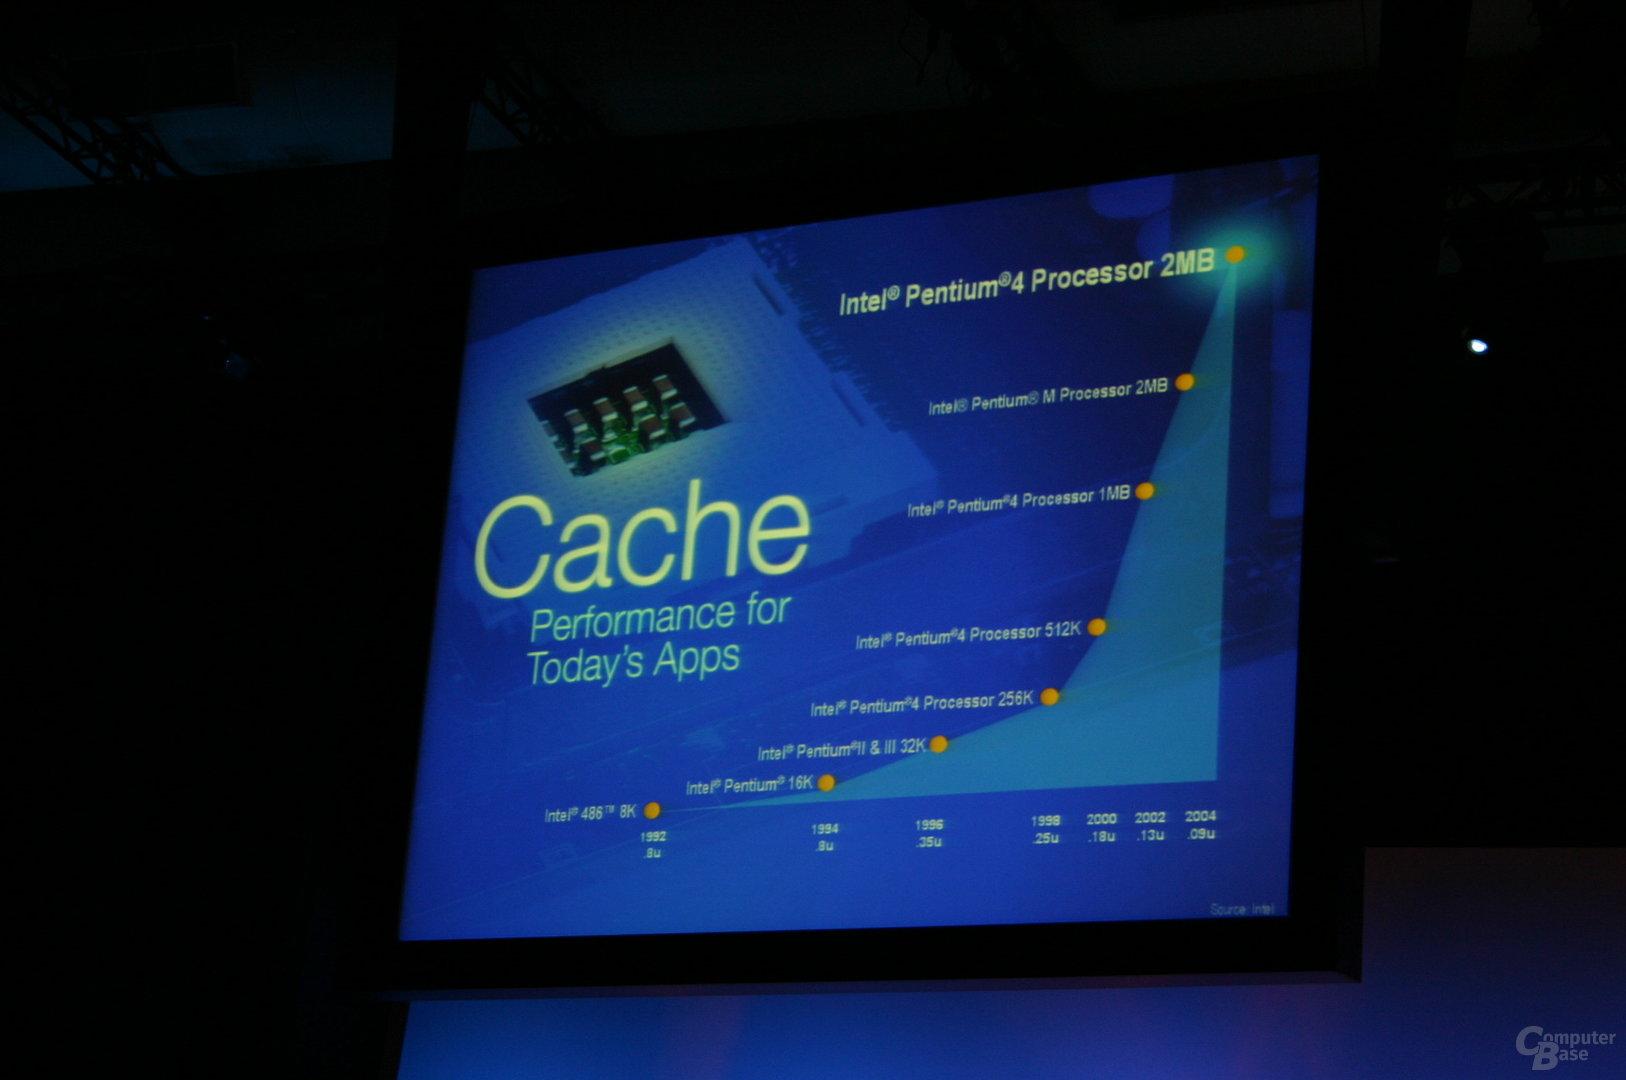 Jetzt ist es Offiziell: Der Pentium 4 bekomm 2 MB Cache